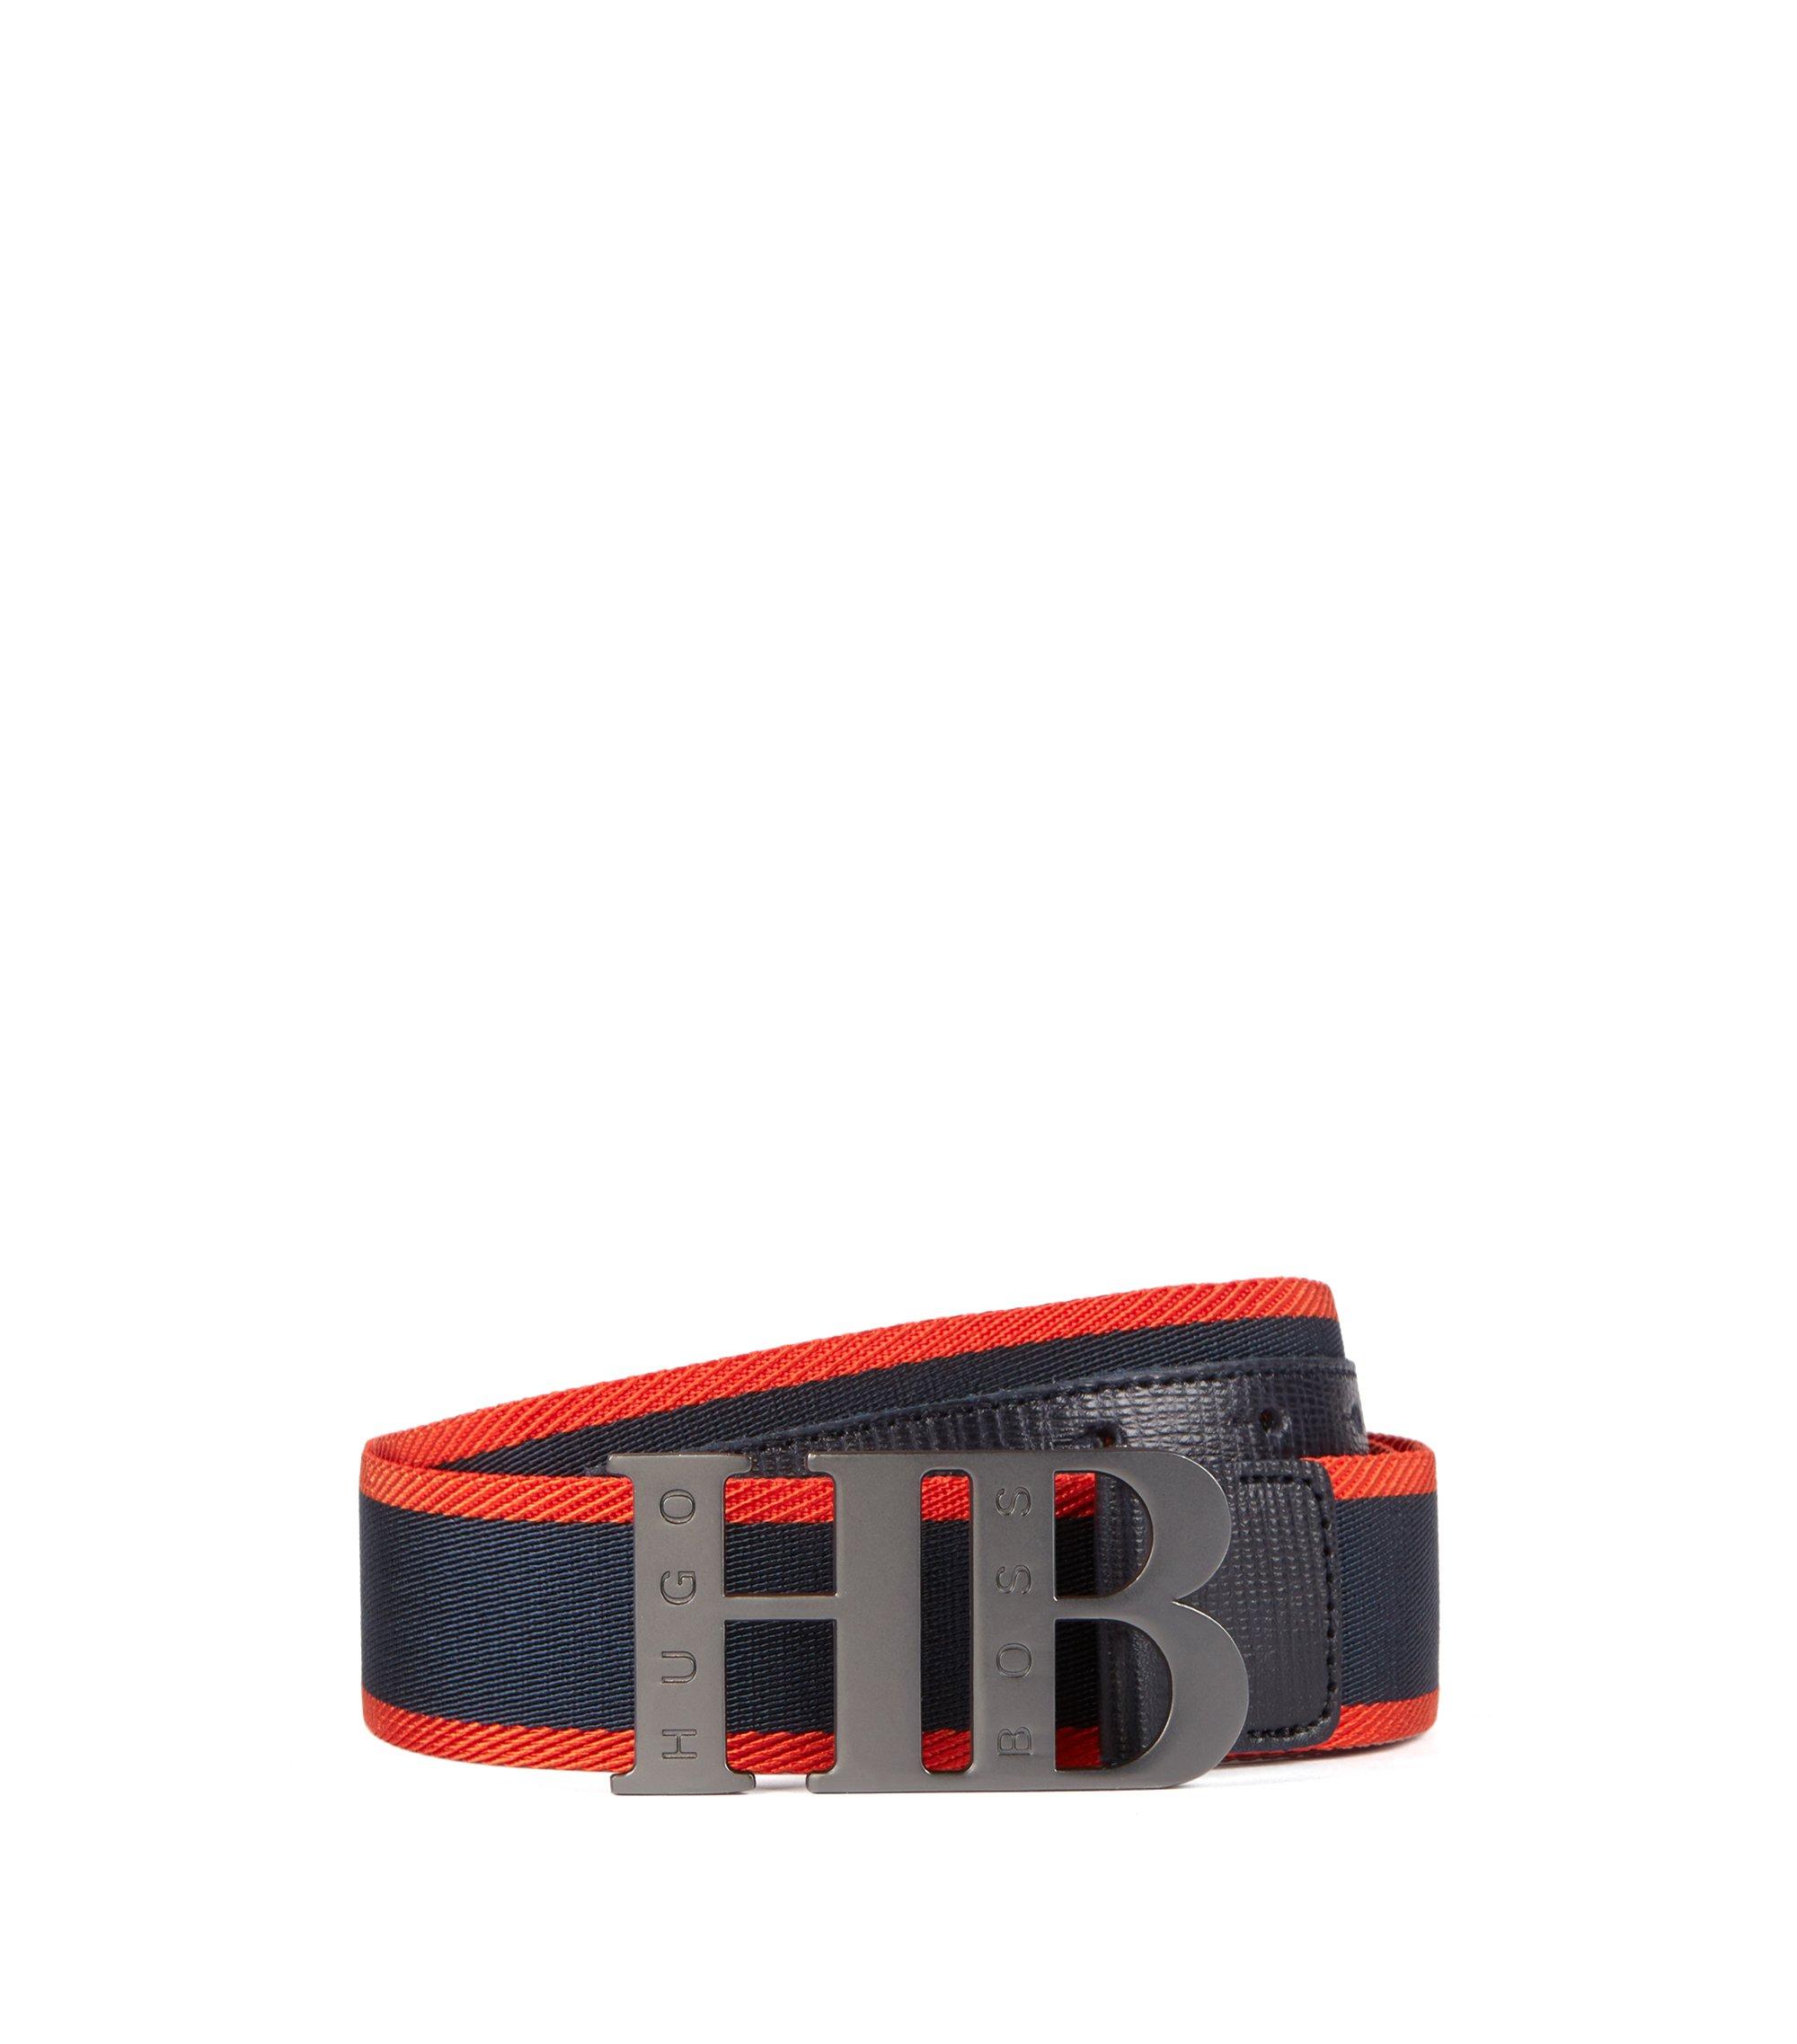 Cintura intrecciata con guarnizione in pelle e placca griffata, Blu scuro